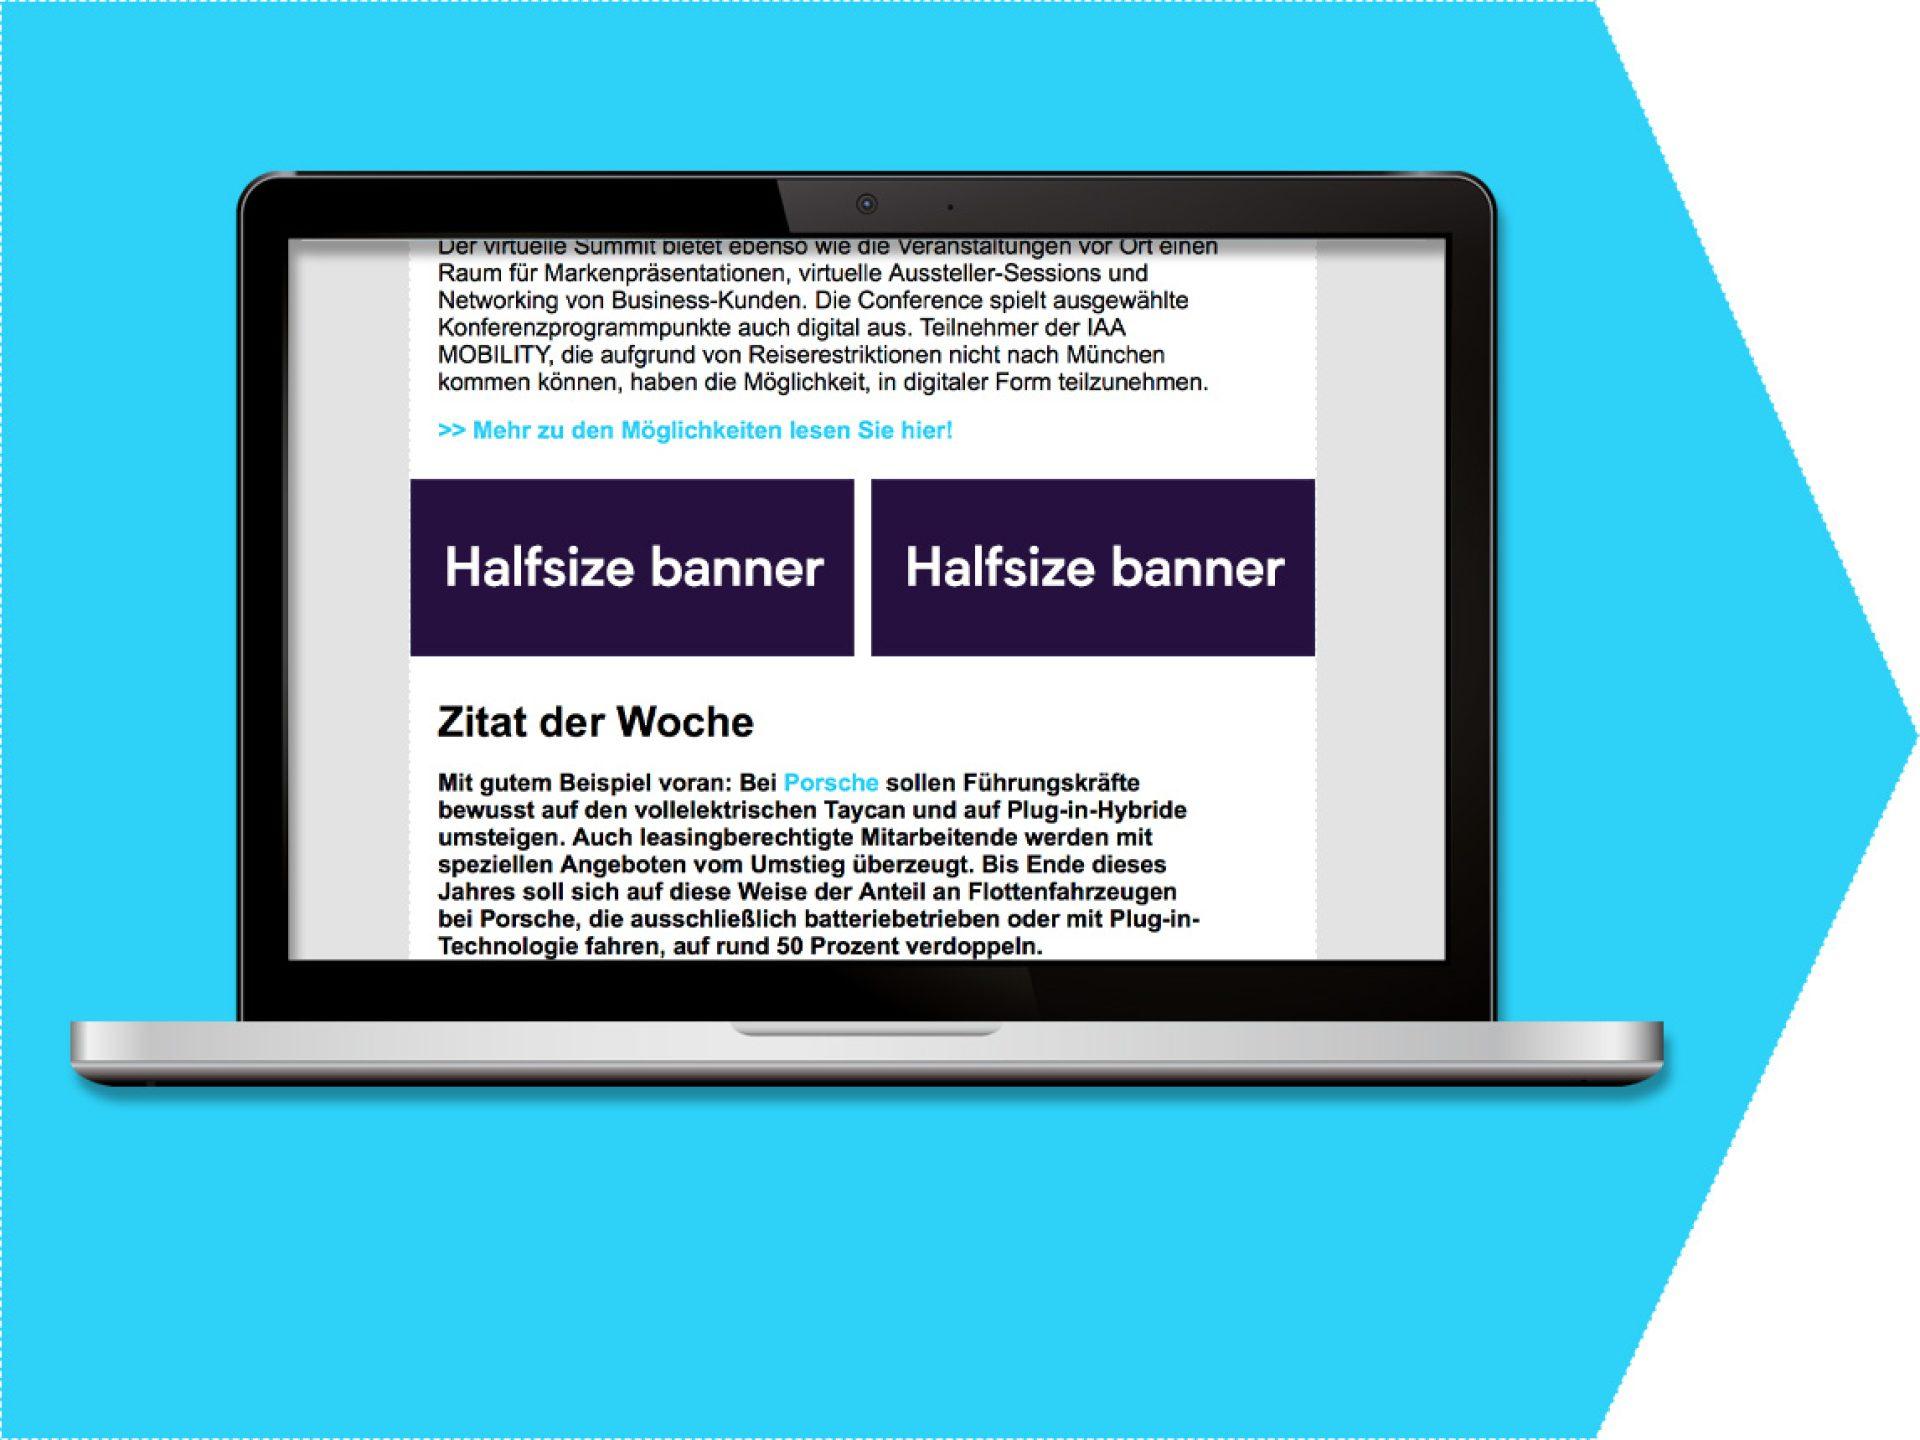 Halfsize banner